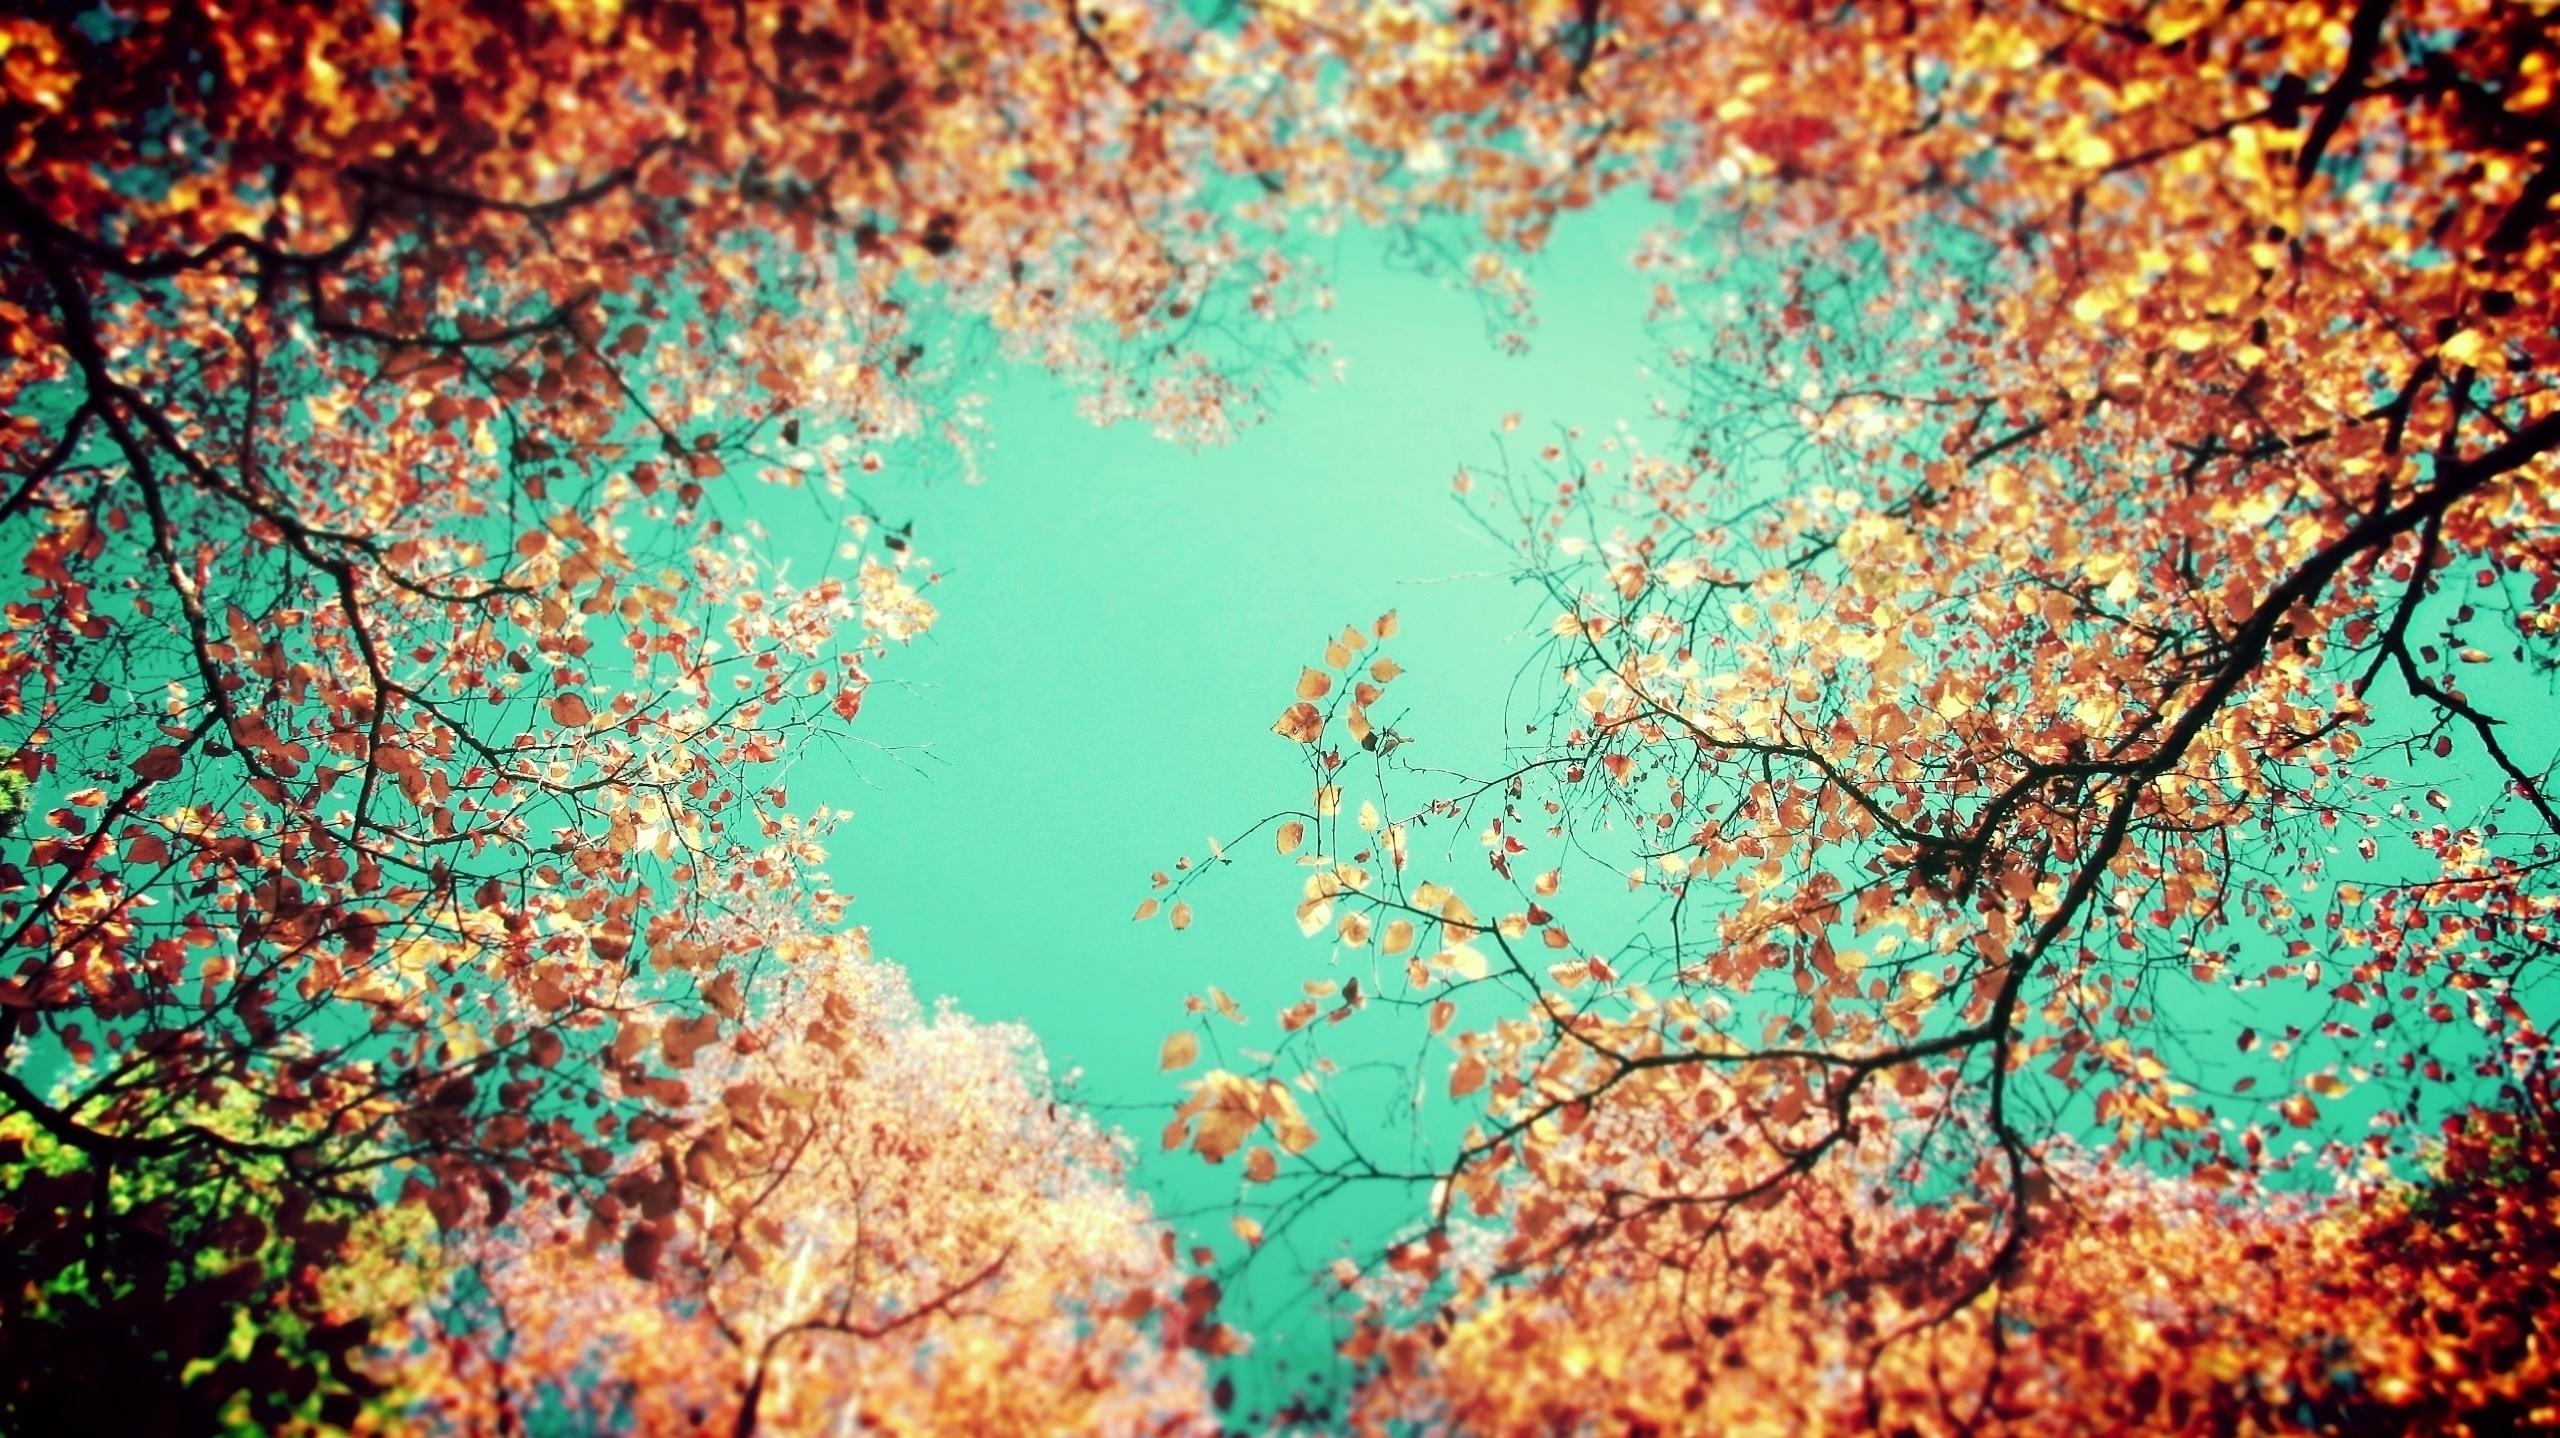 Feelings - Autumn, outdoor, nature - fusionatic | ello